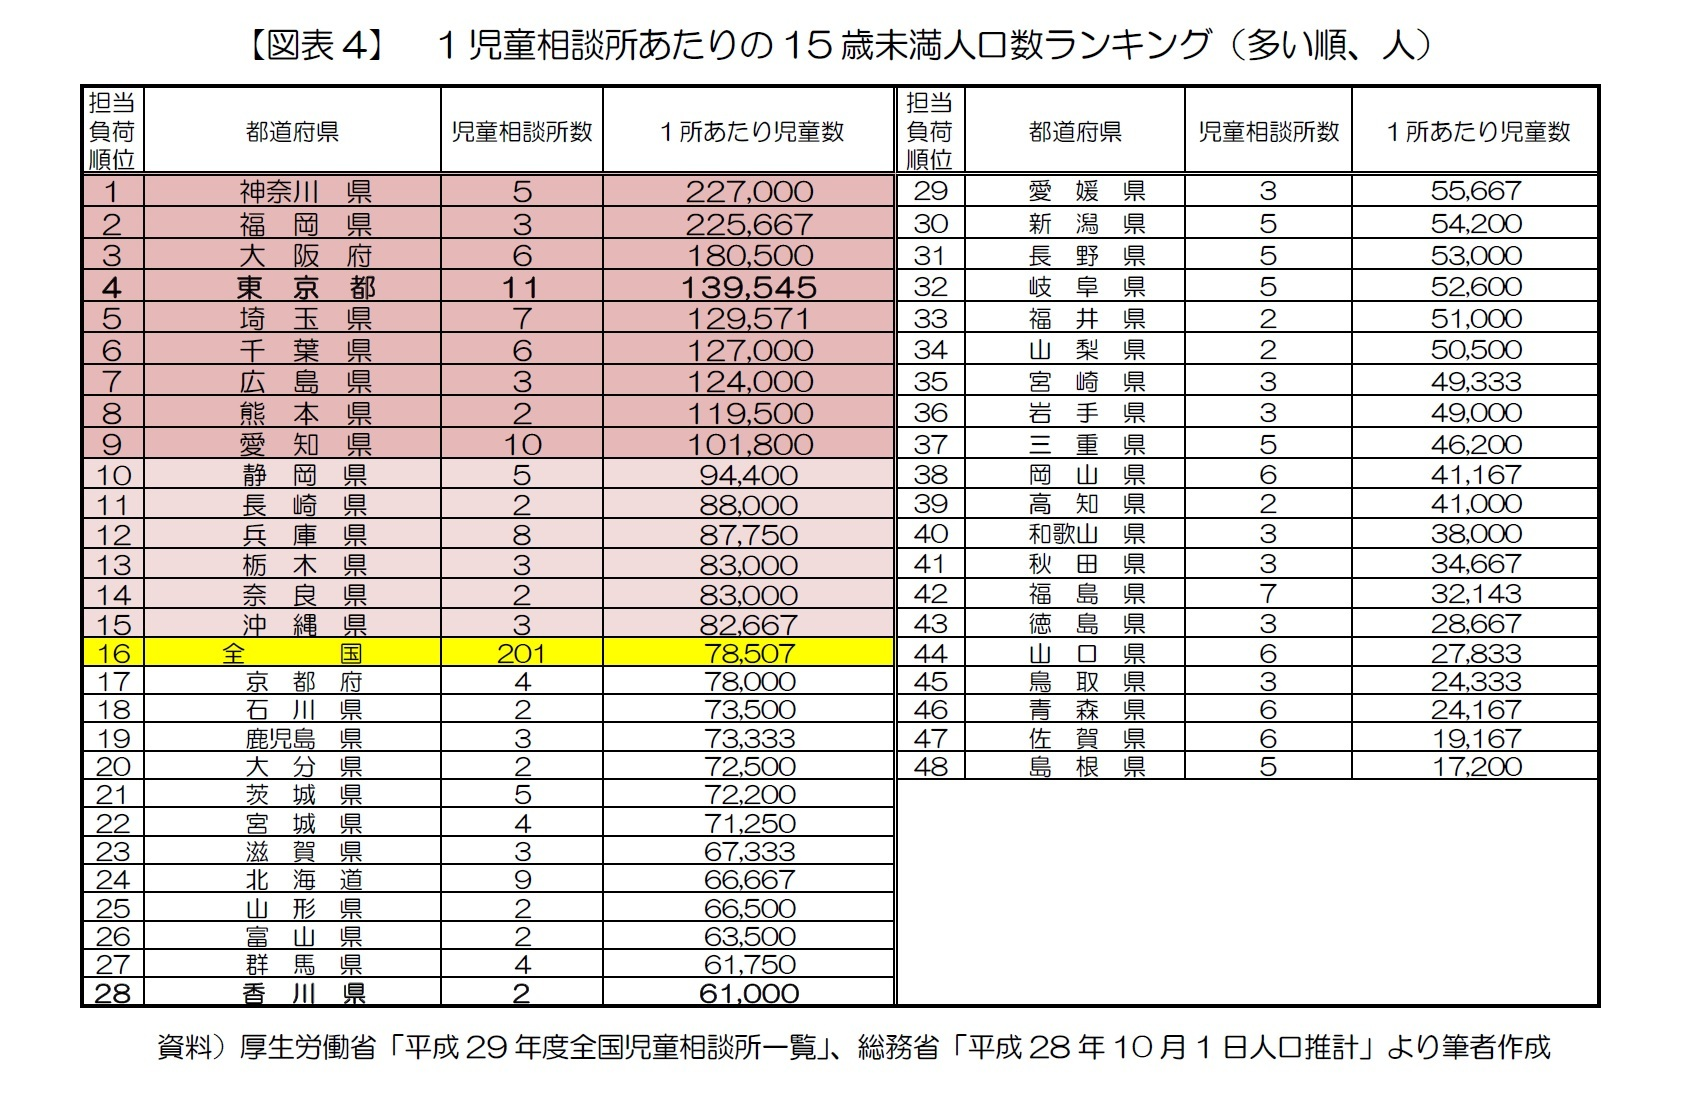 【図表4】 1児童相談所あたりの15歳未満人口数ランキング(多い順、人)